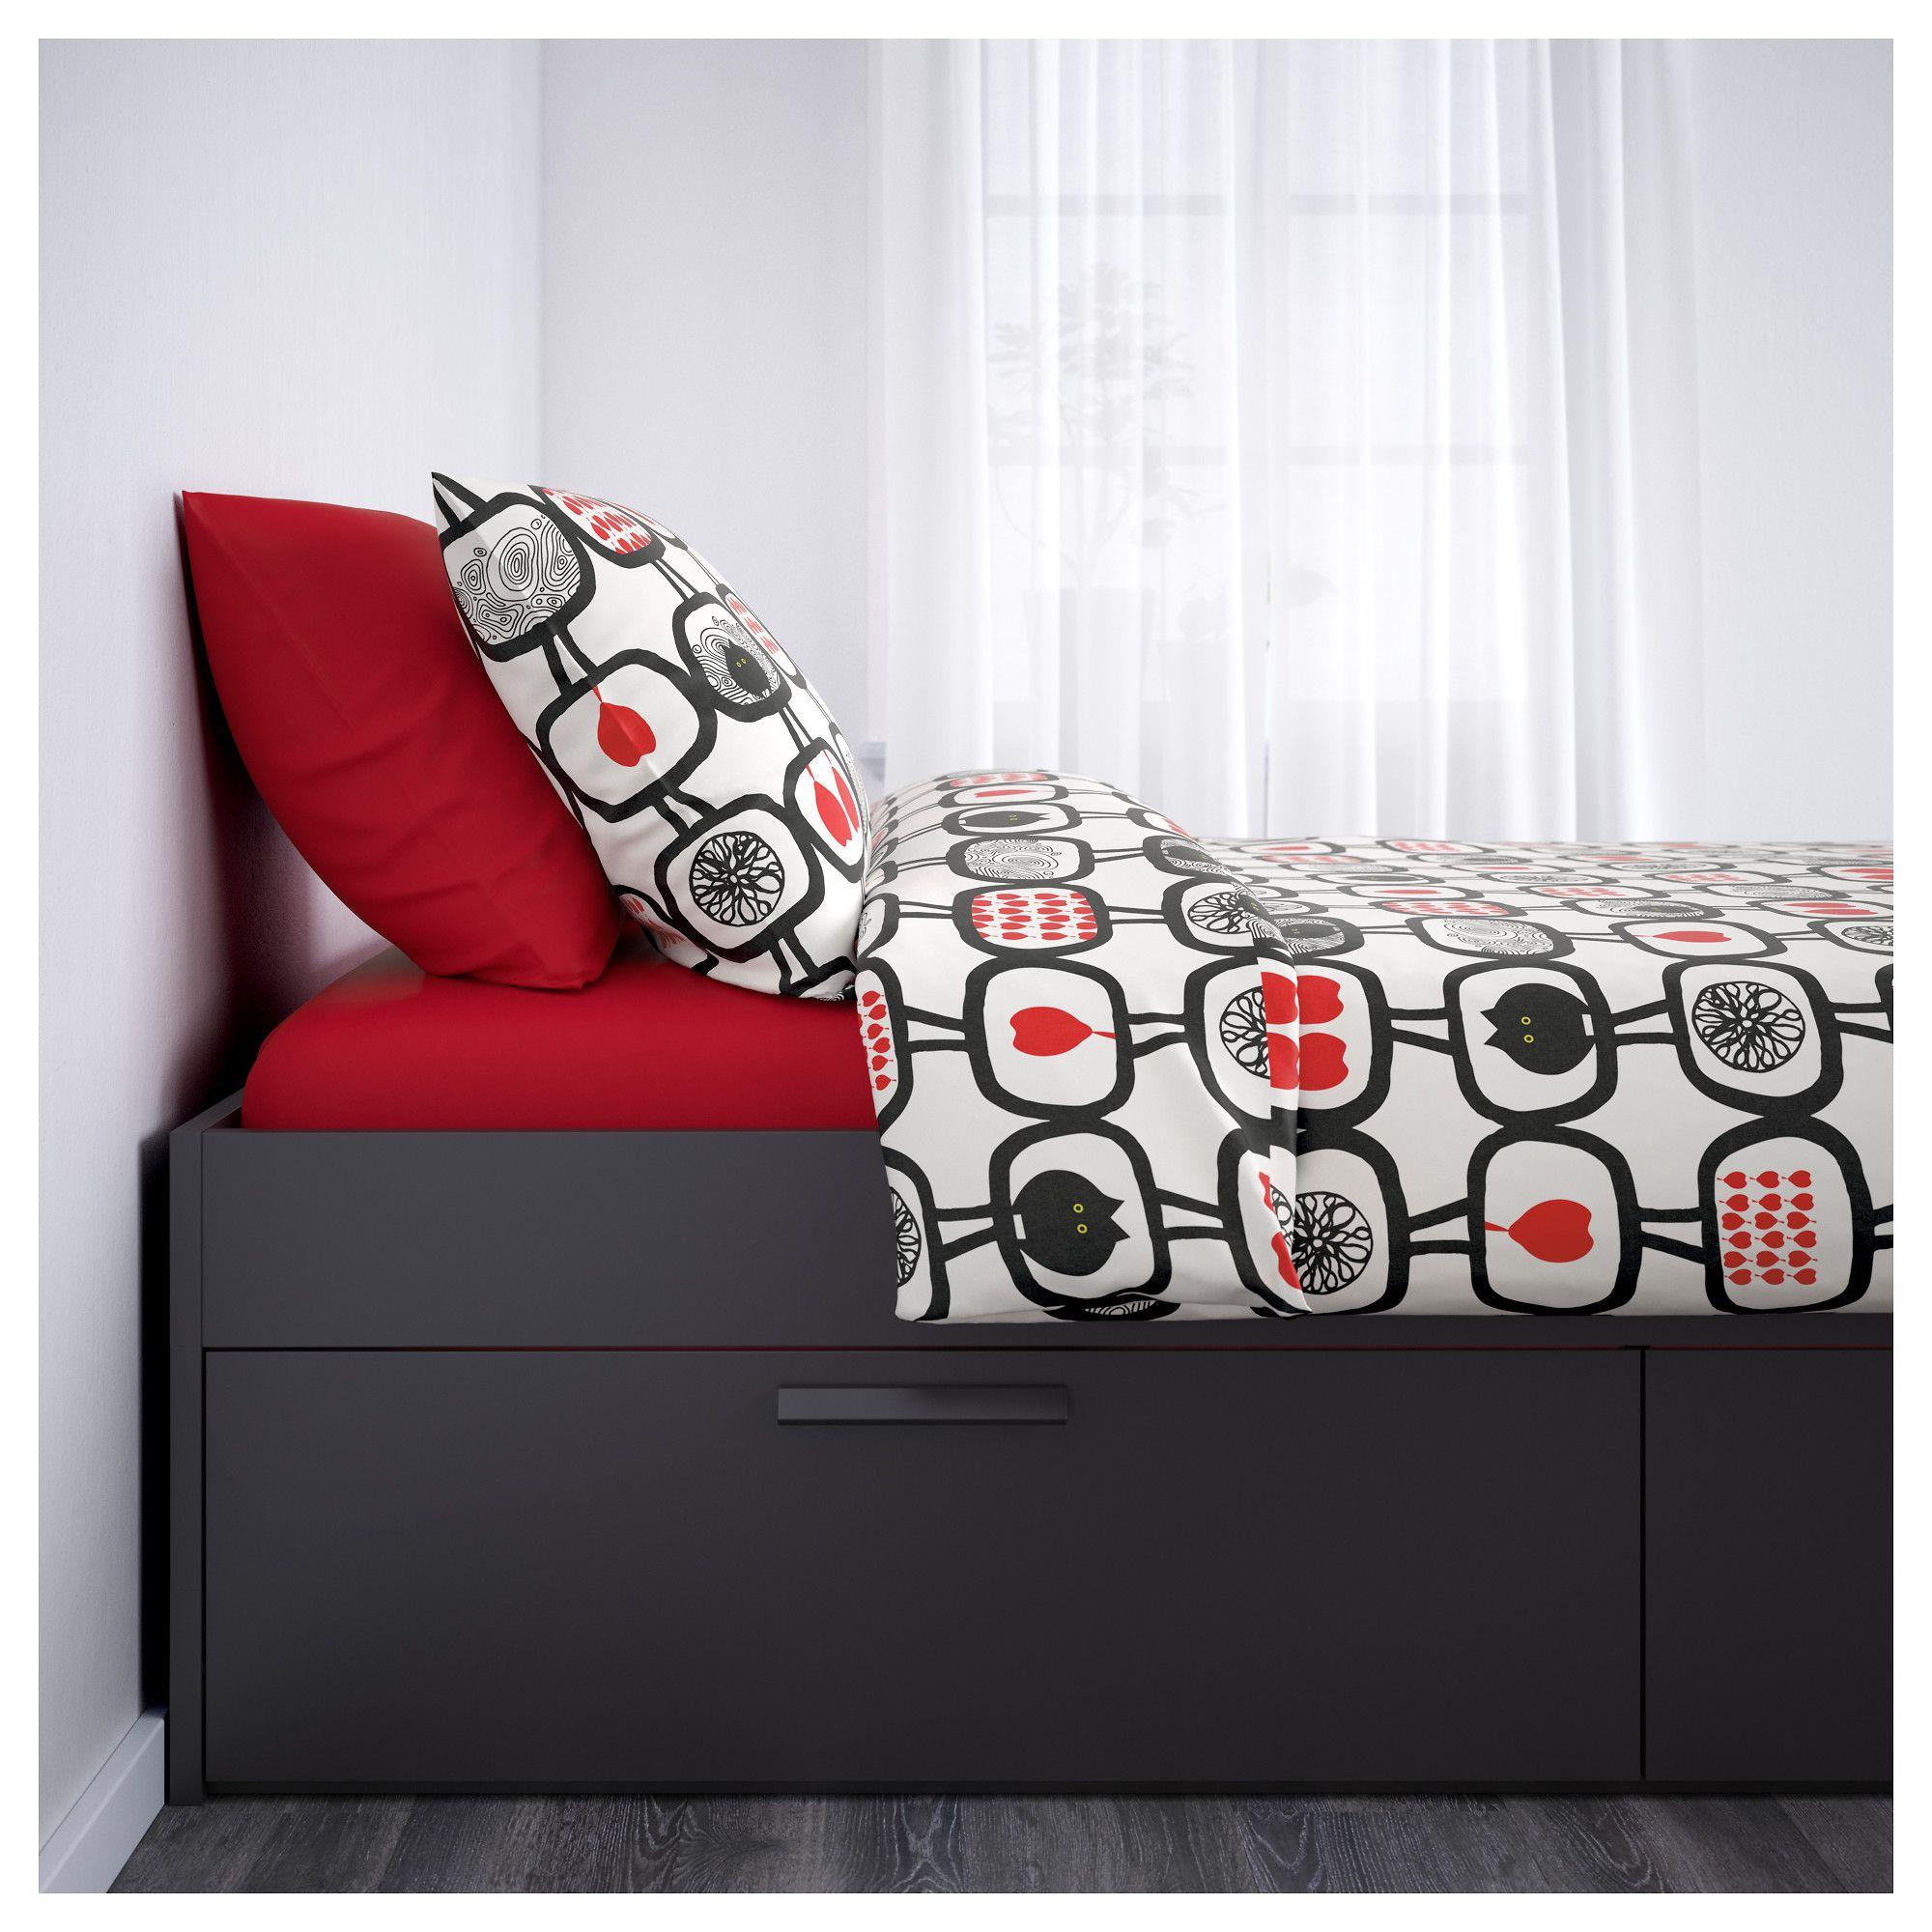 IKEA BRIMNES Bed frame with storage black Leirsund